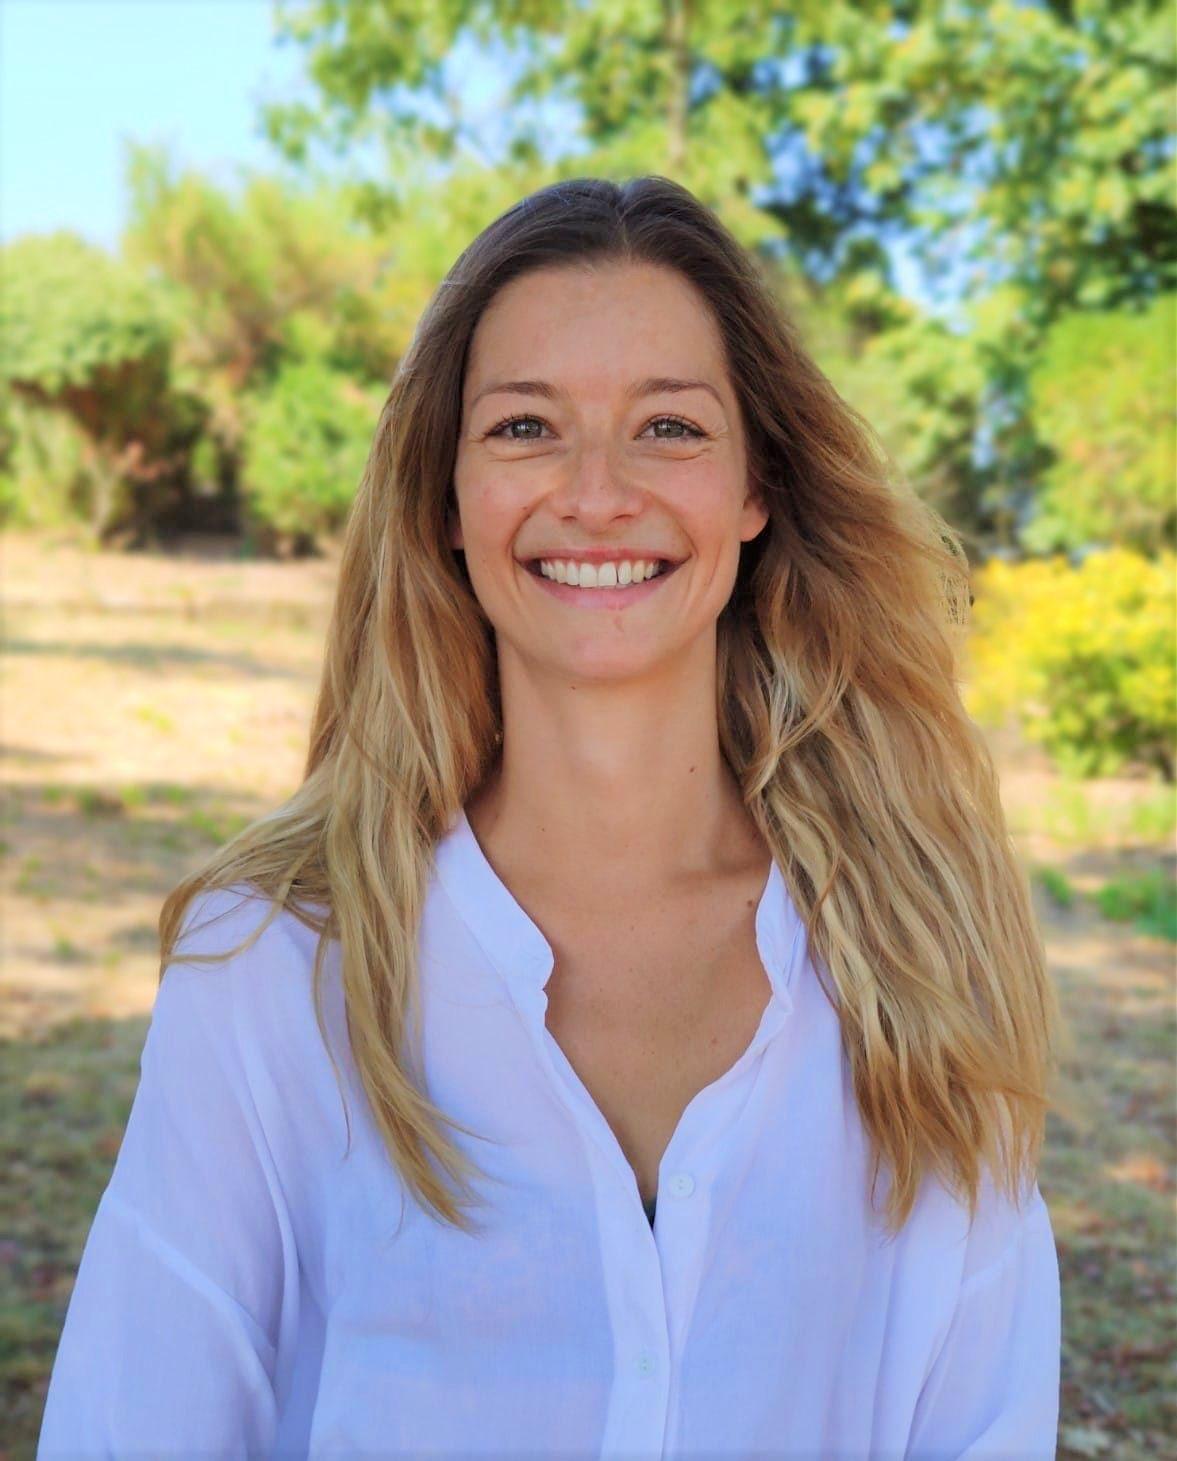 Flora Tauran professeur de Yoga et mouvements Libres à Balma